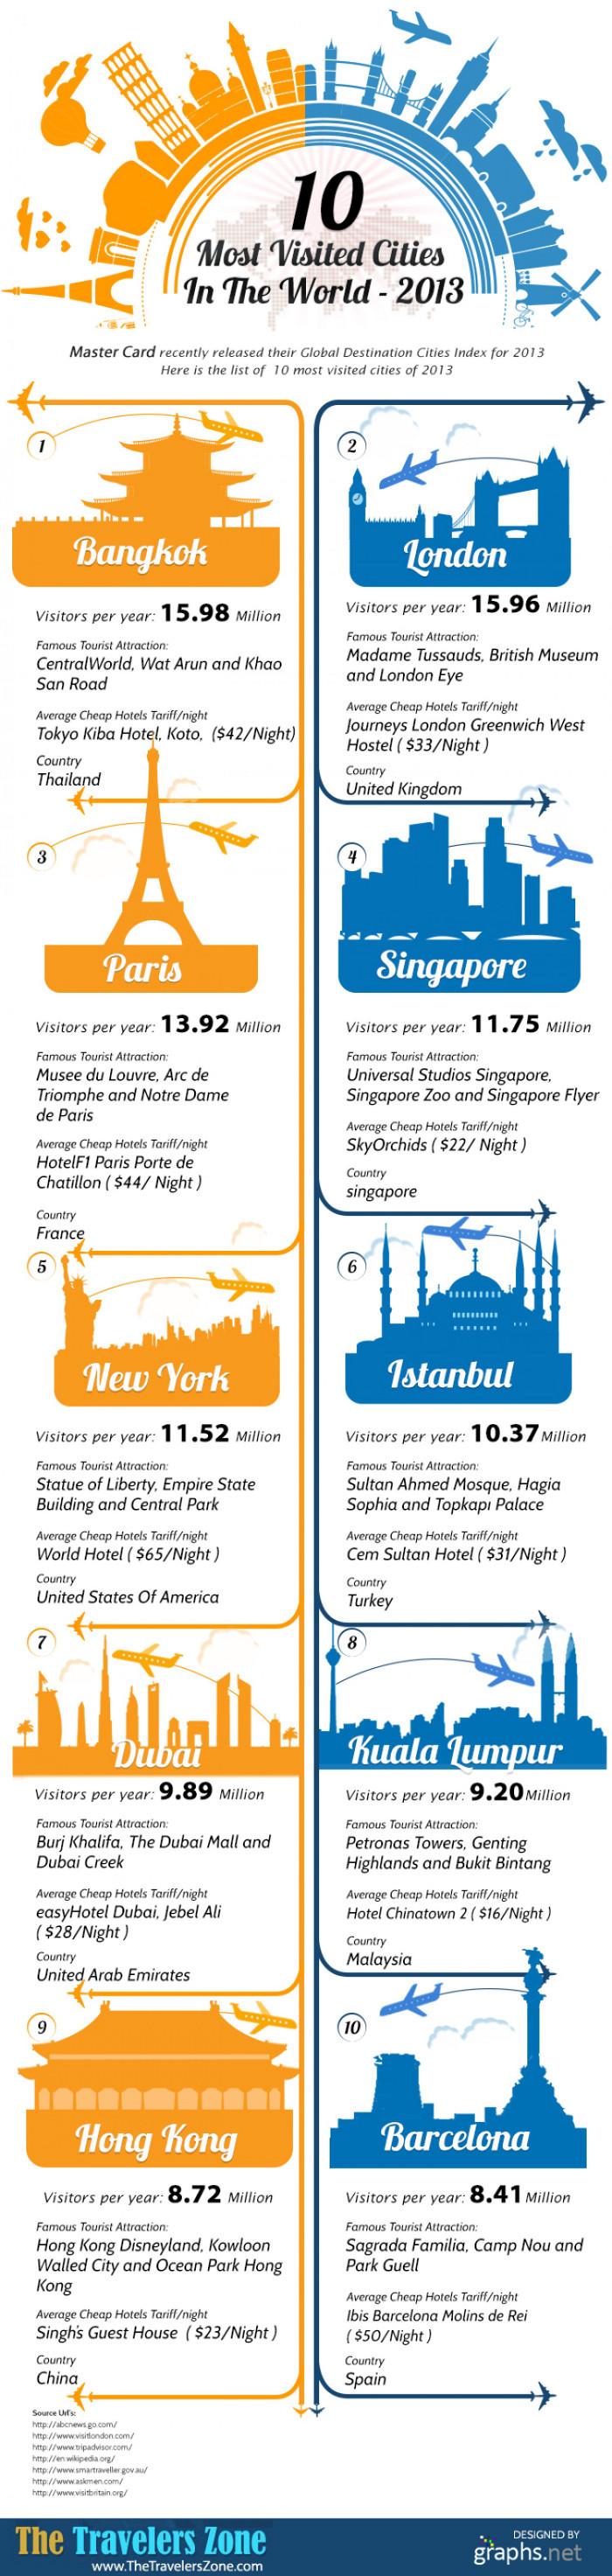 Die zehn meistbesuchten Städte der Welt